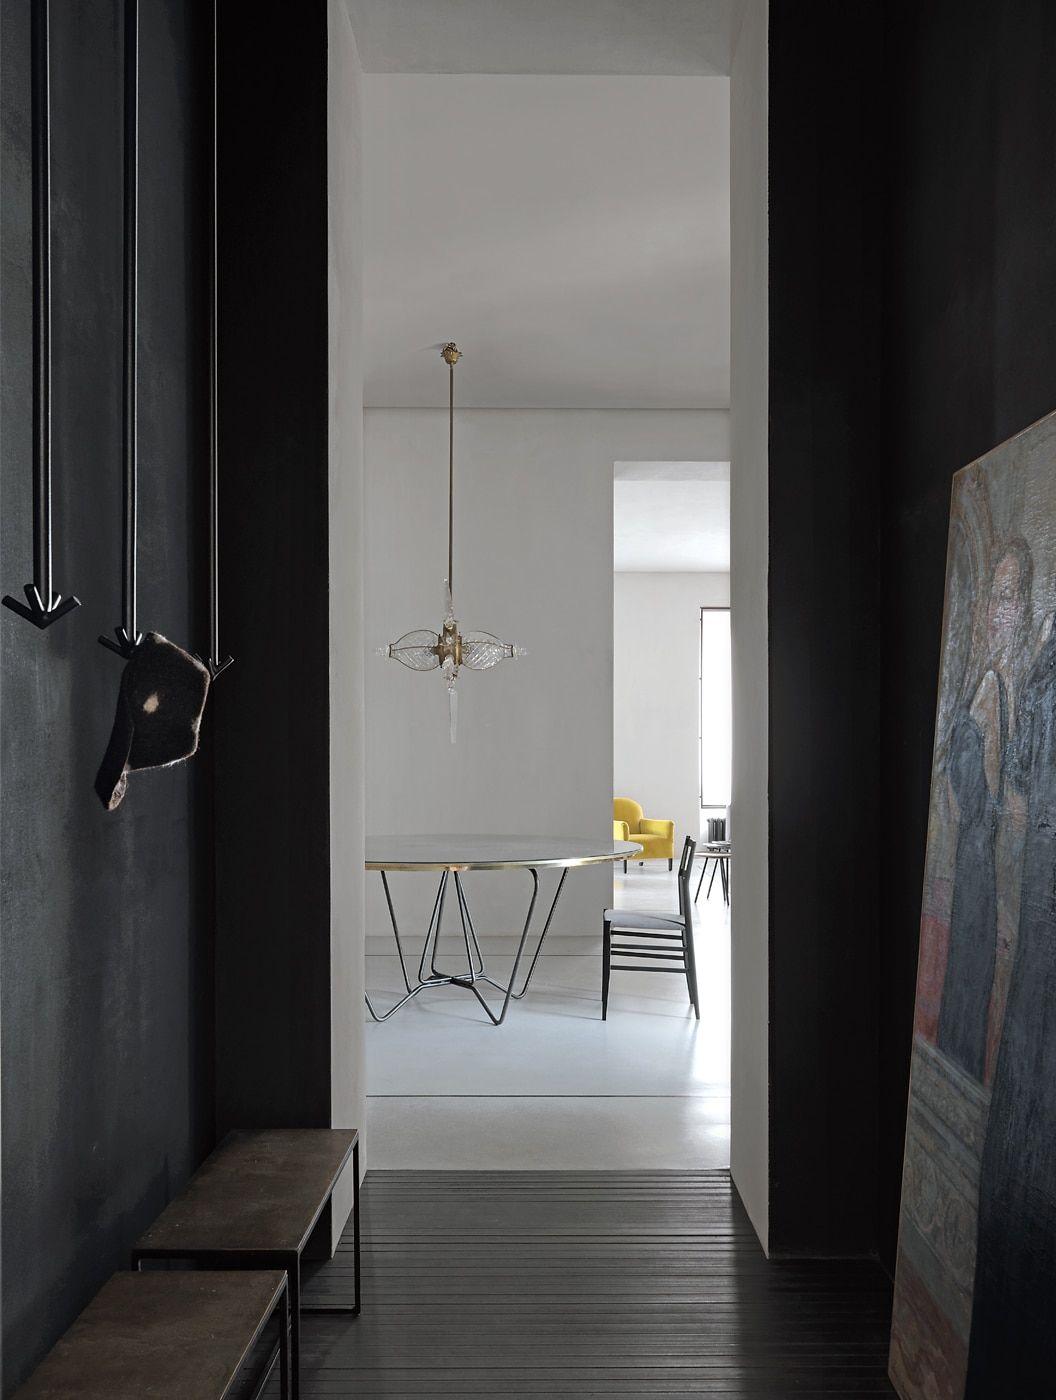 Ritorno Morq Morq Interior Dining Pinterest - Porte placard coulissante jumelé avec serrurier paris 17ème